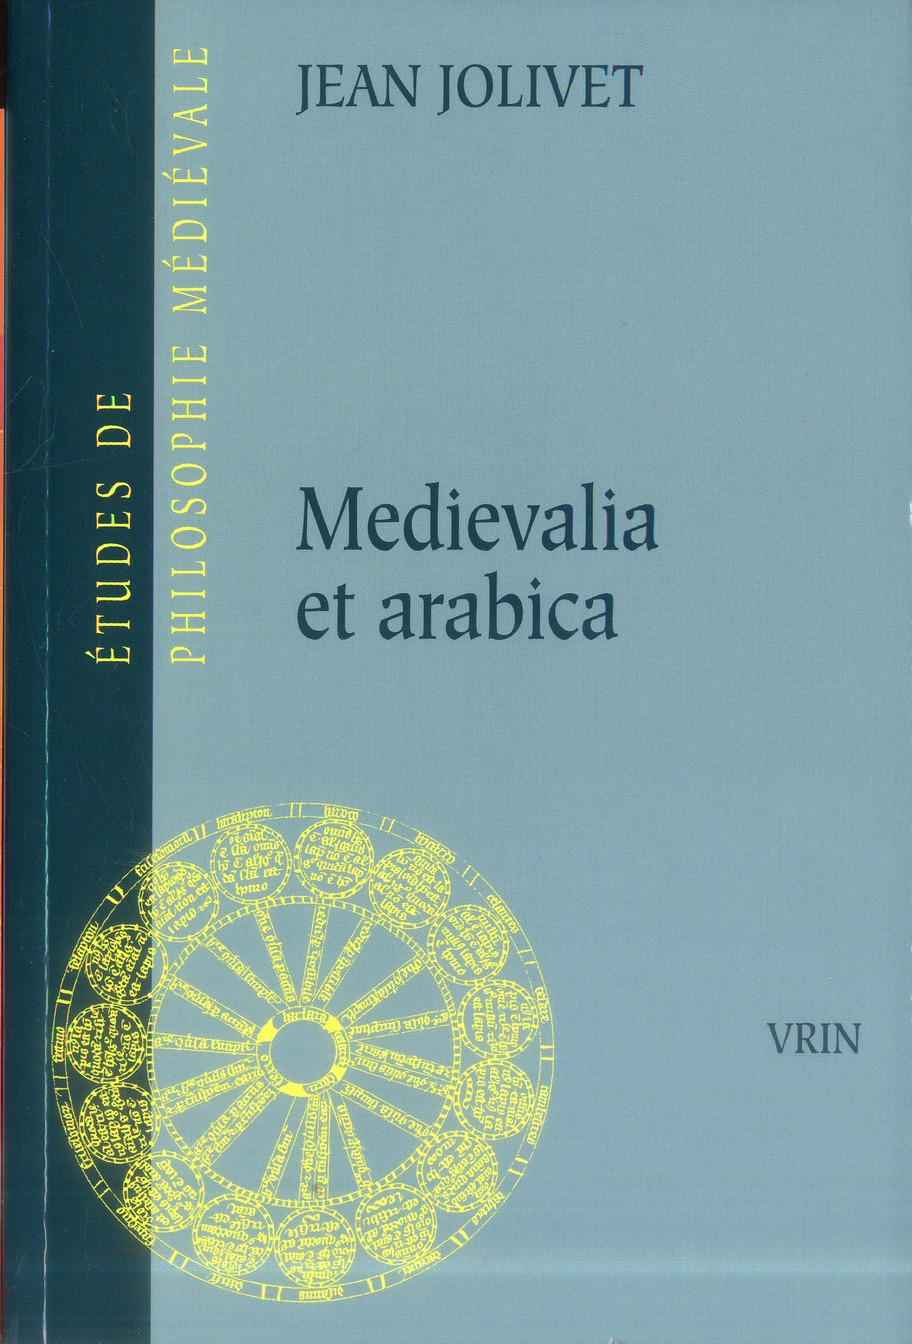 MEDIEVALIA ET ARABICA